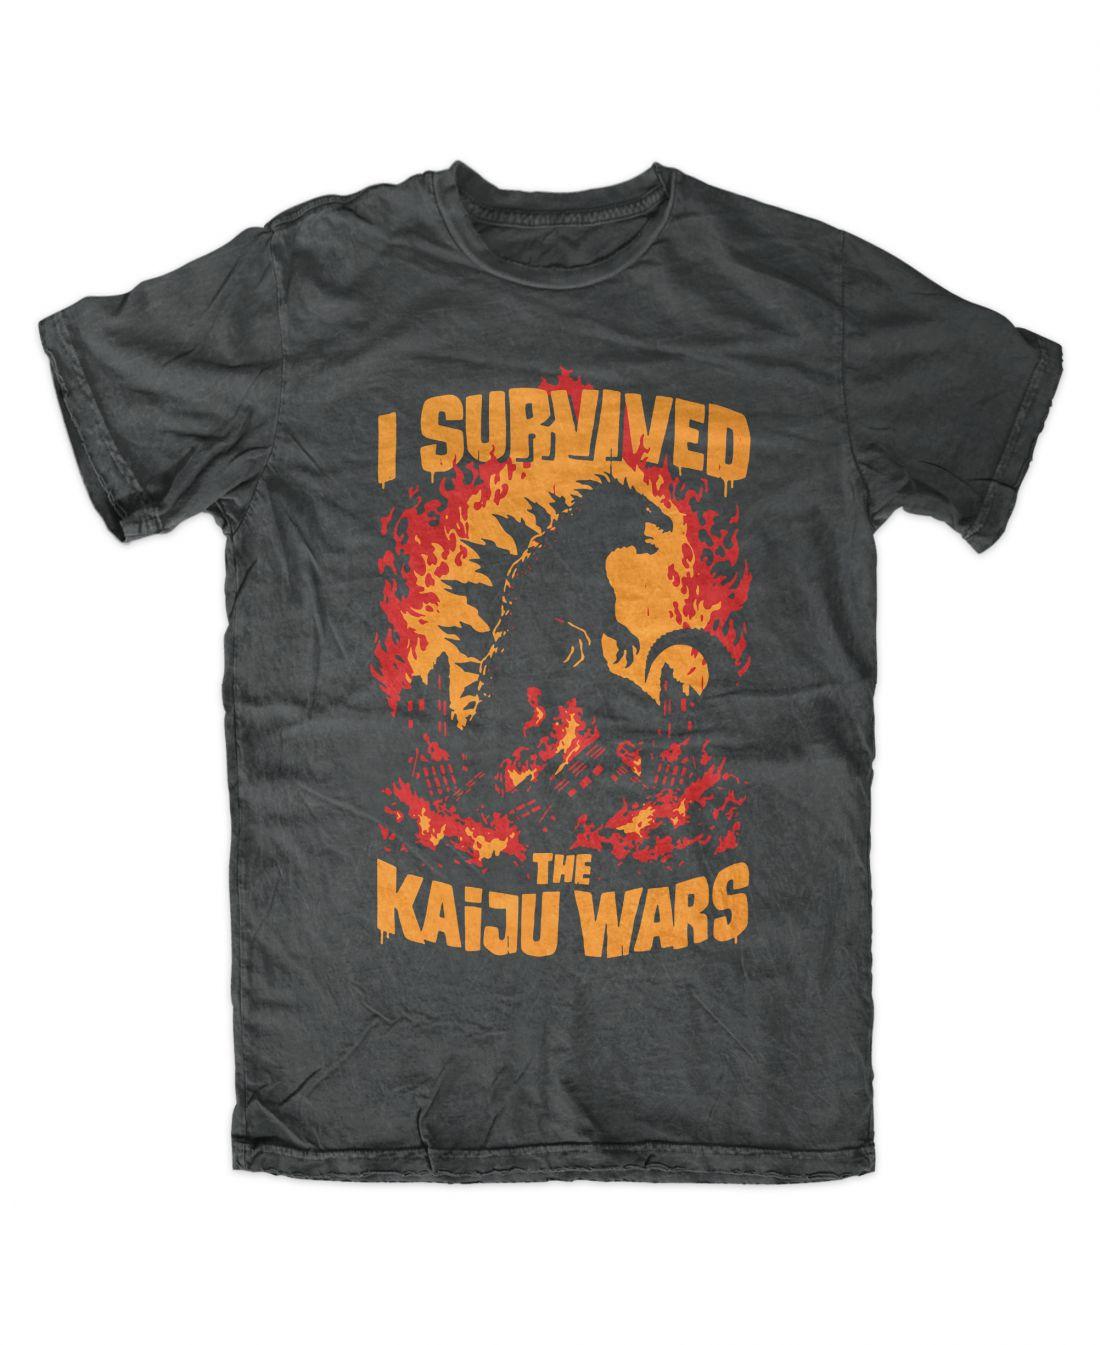 Kaiju Wars (charcoal póló)